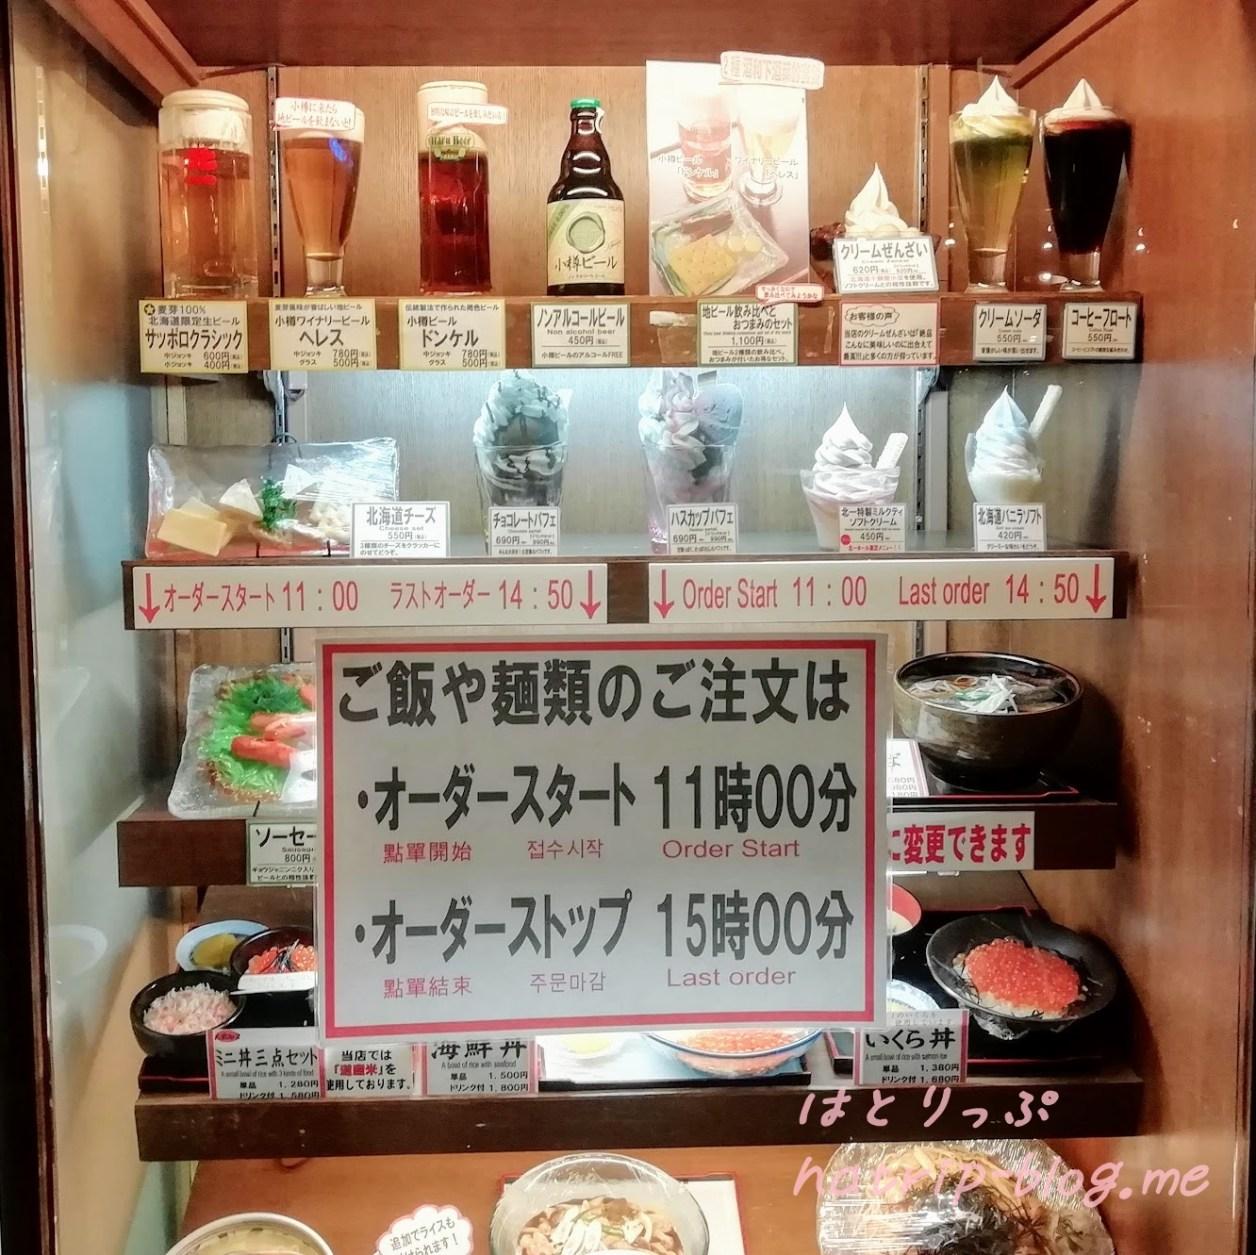 北海道 小樽 北一硝子三号館 北一ホール カフェ